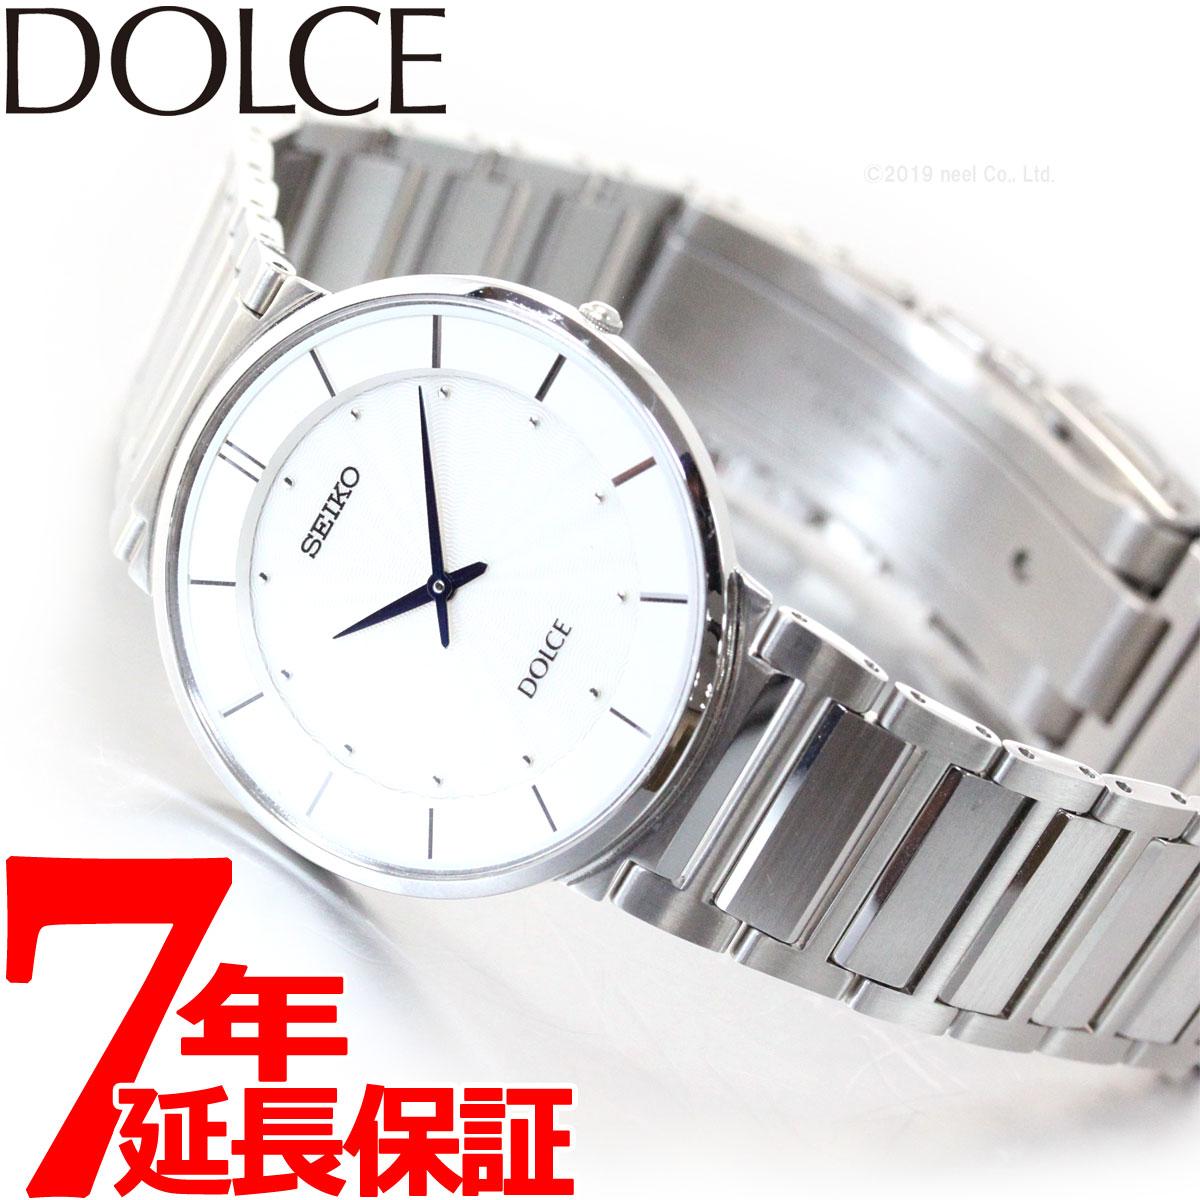 腕時計, メンズ腕時計 2502000OFF51252359 SEIKO DOLCEEXCELINE SACK015